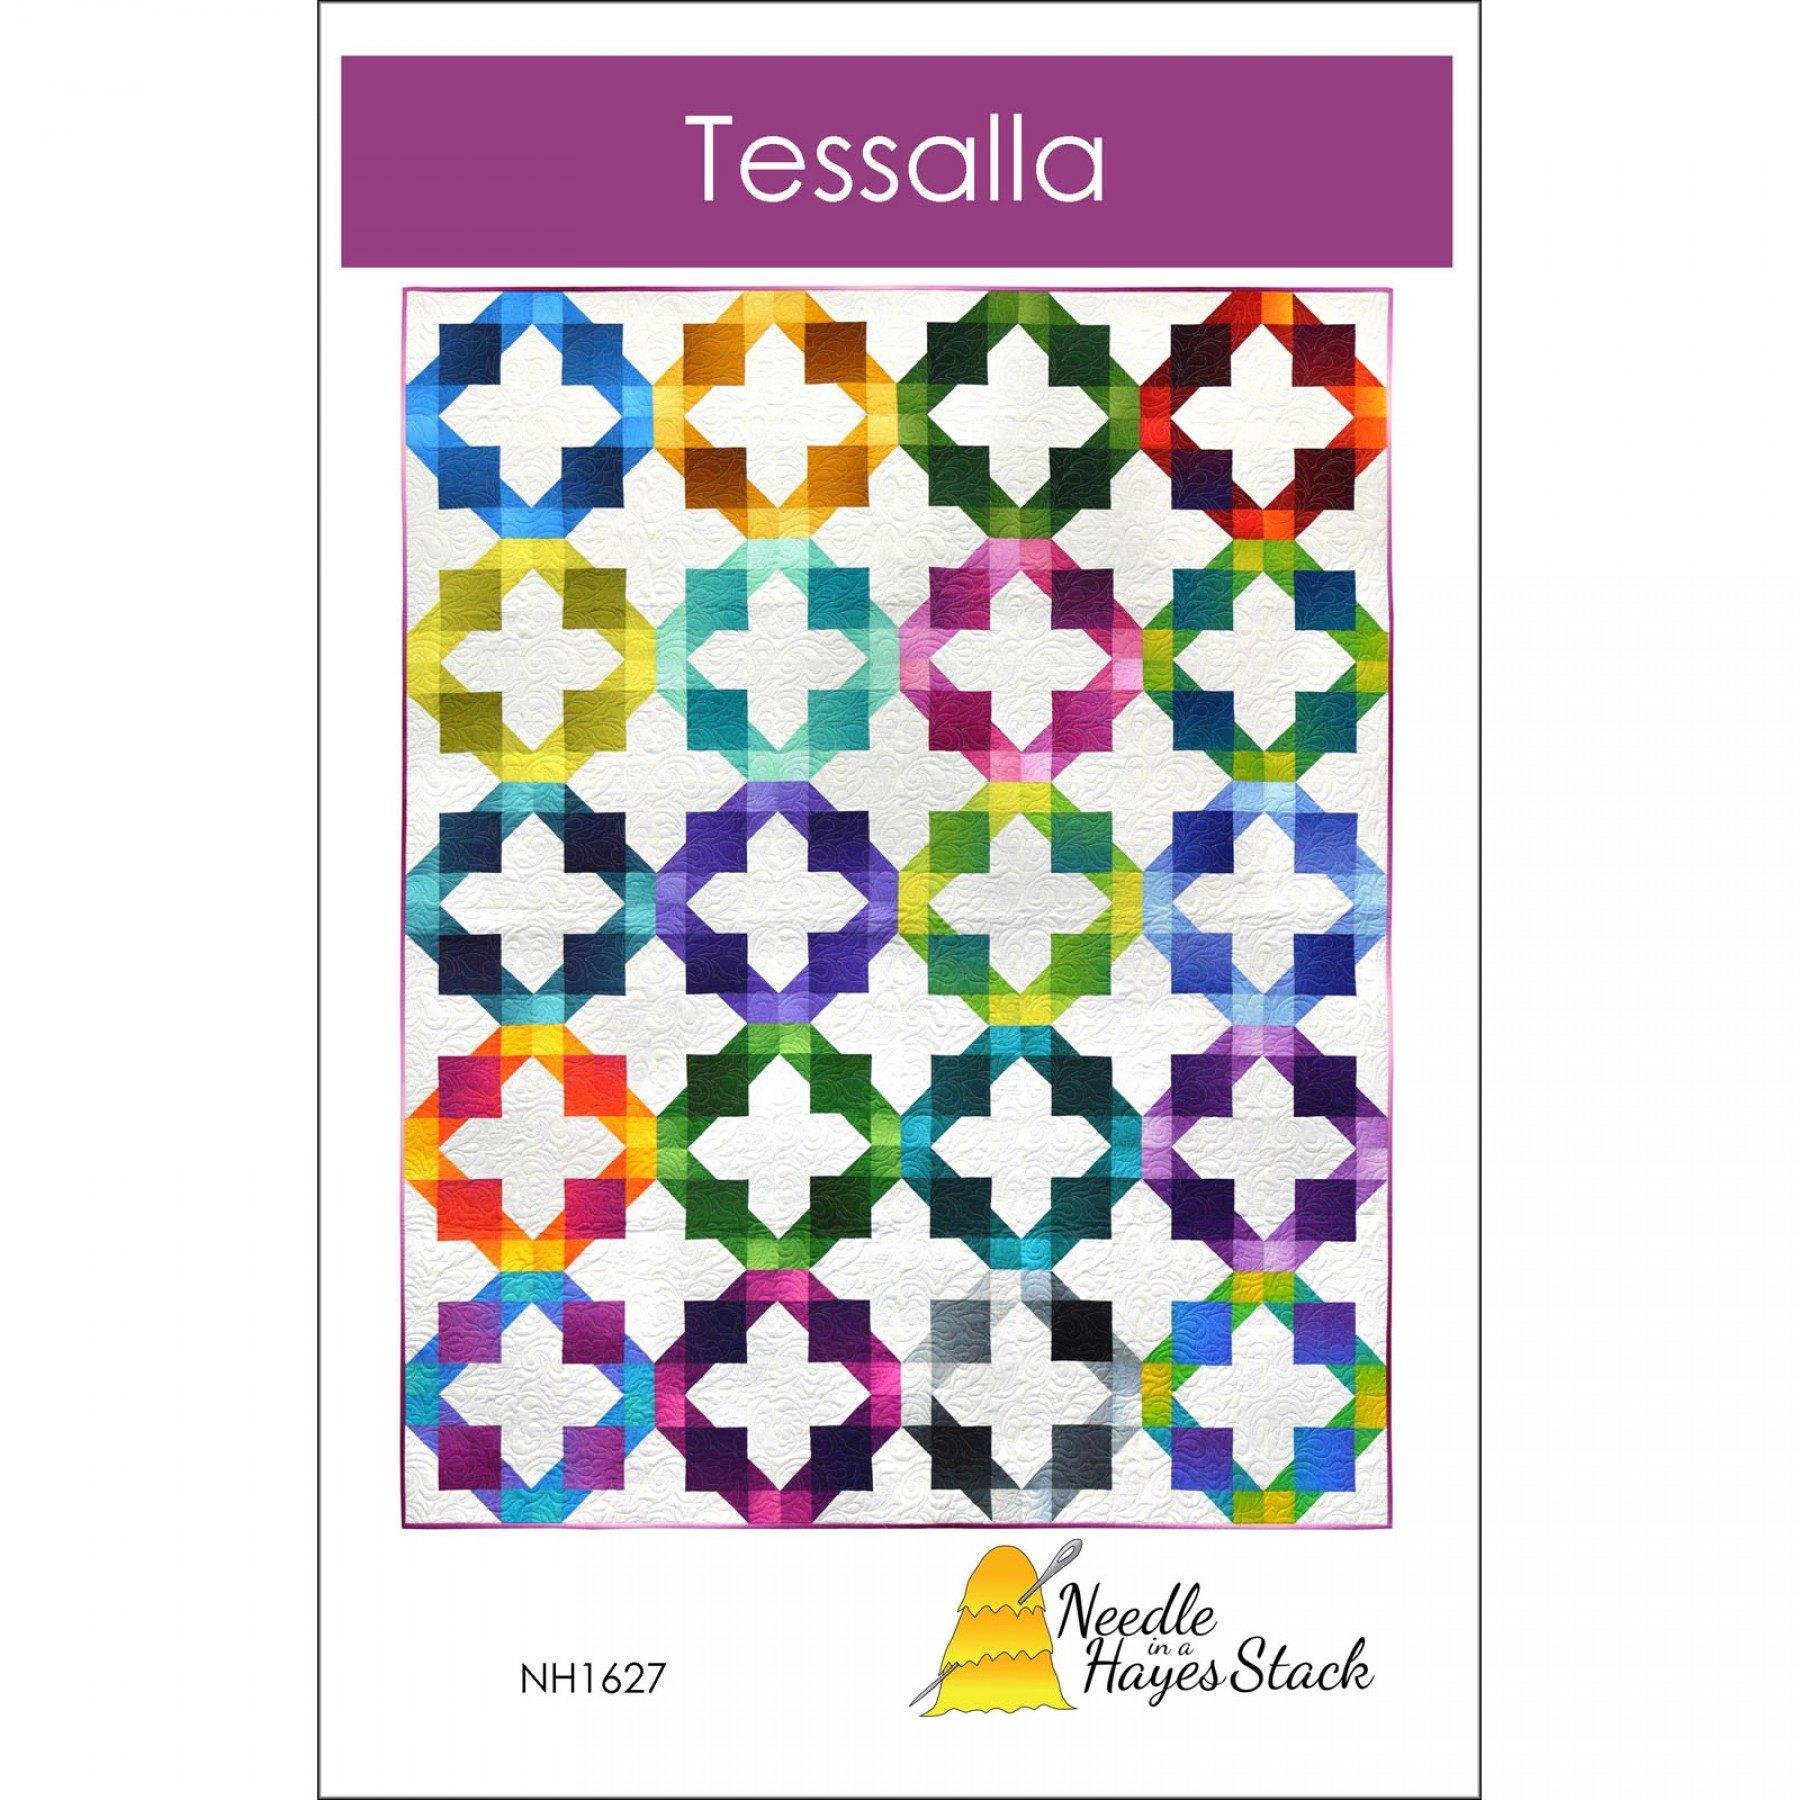 Tessalla